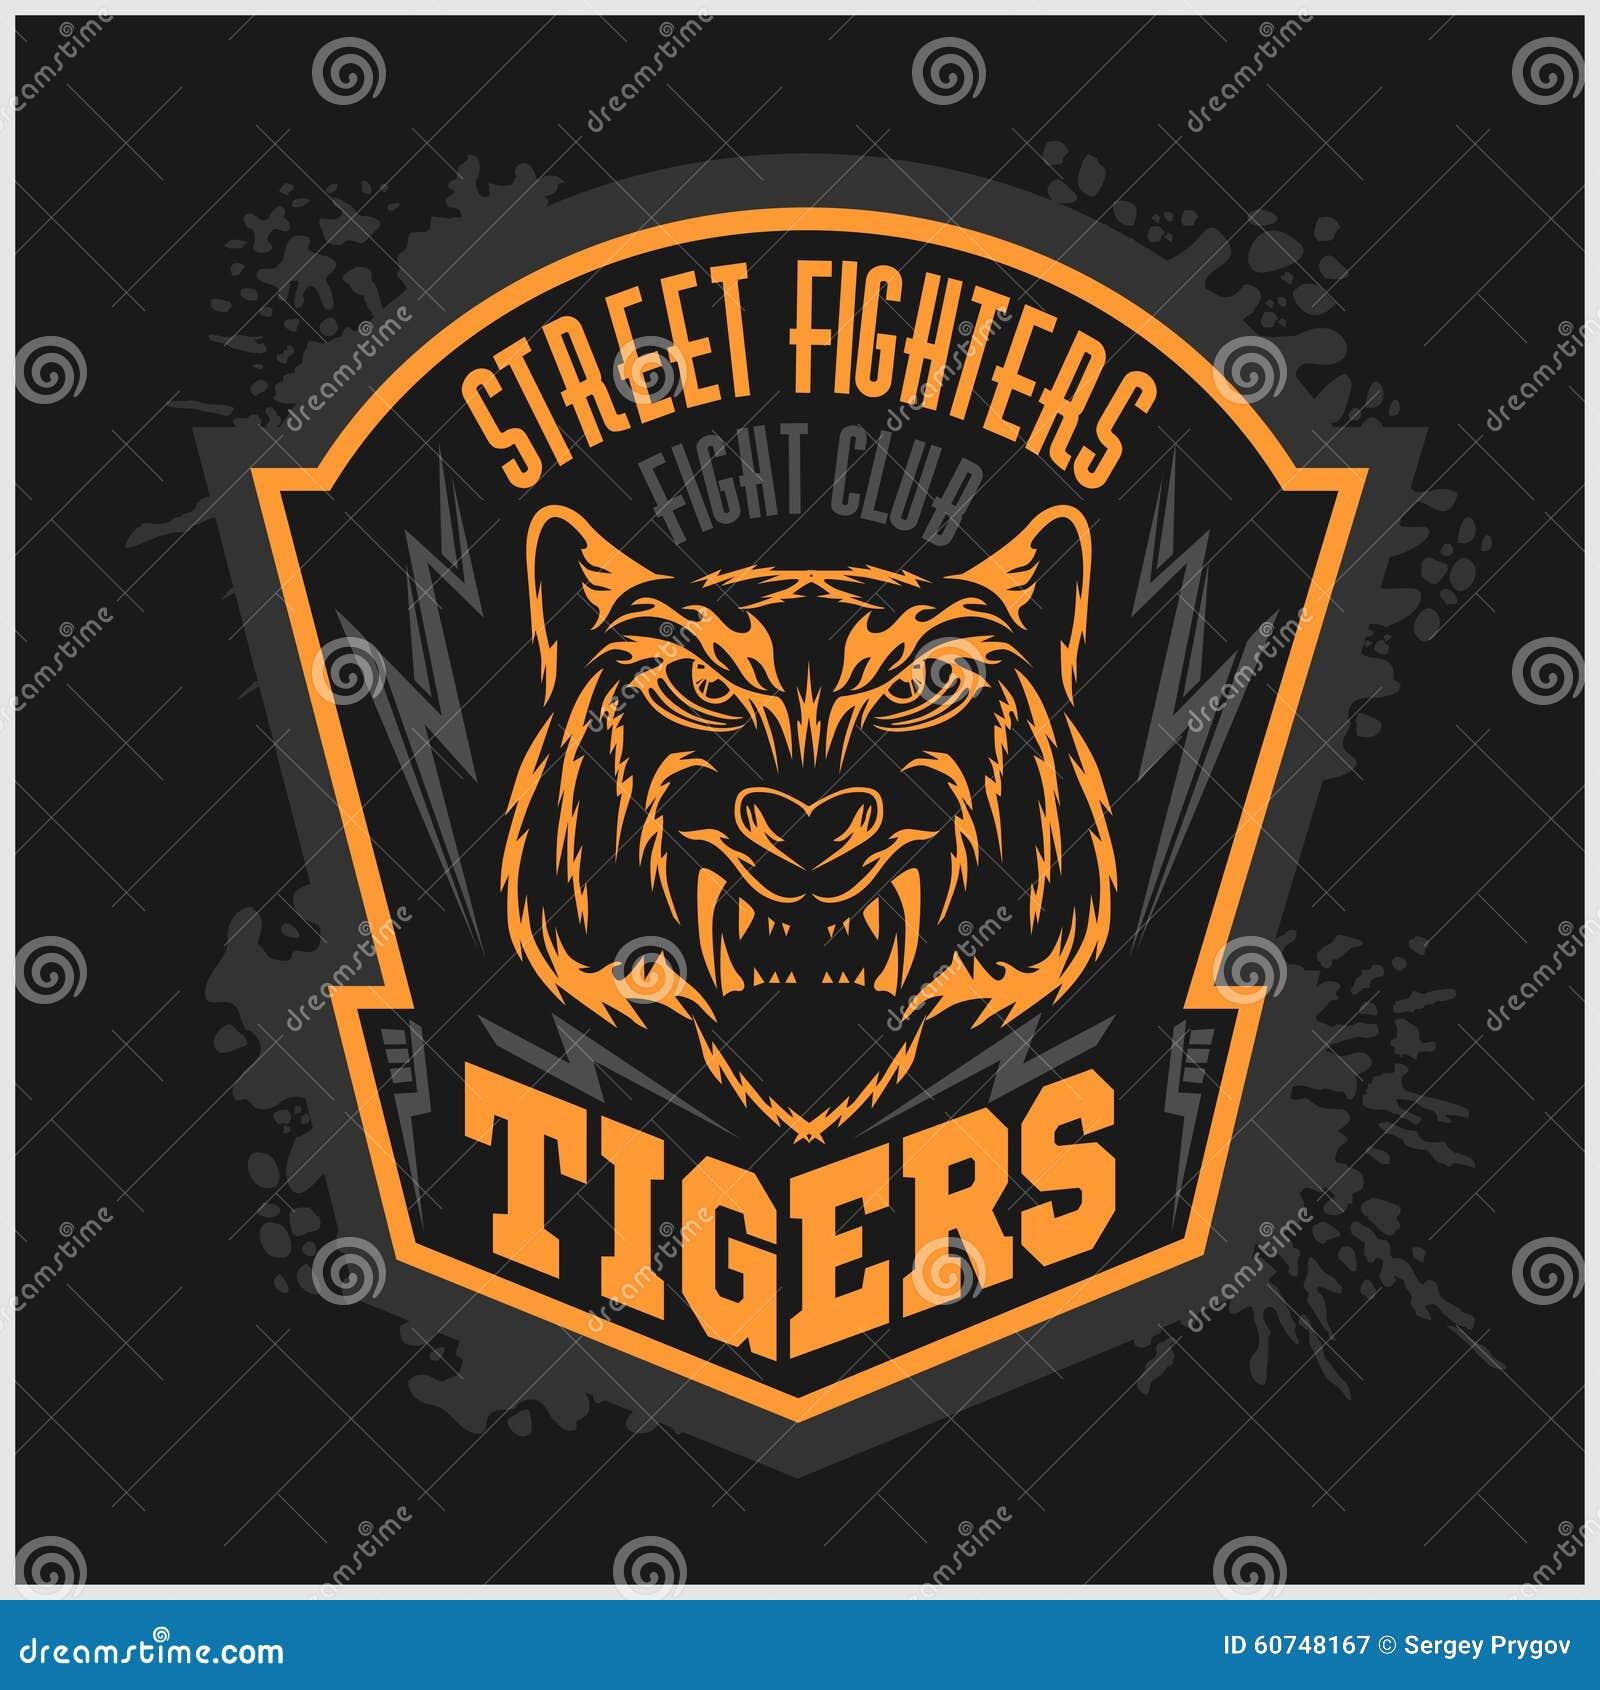 Street fighters - Fighting club emblem on dark